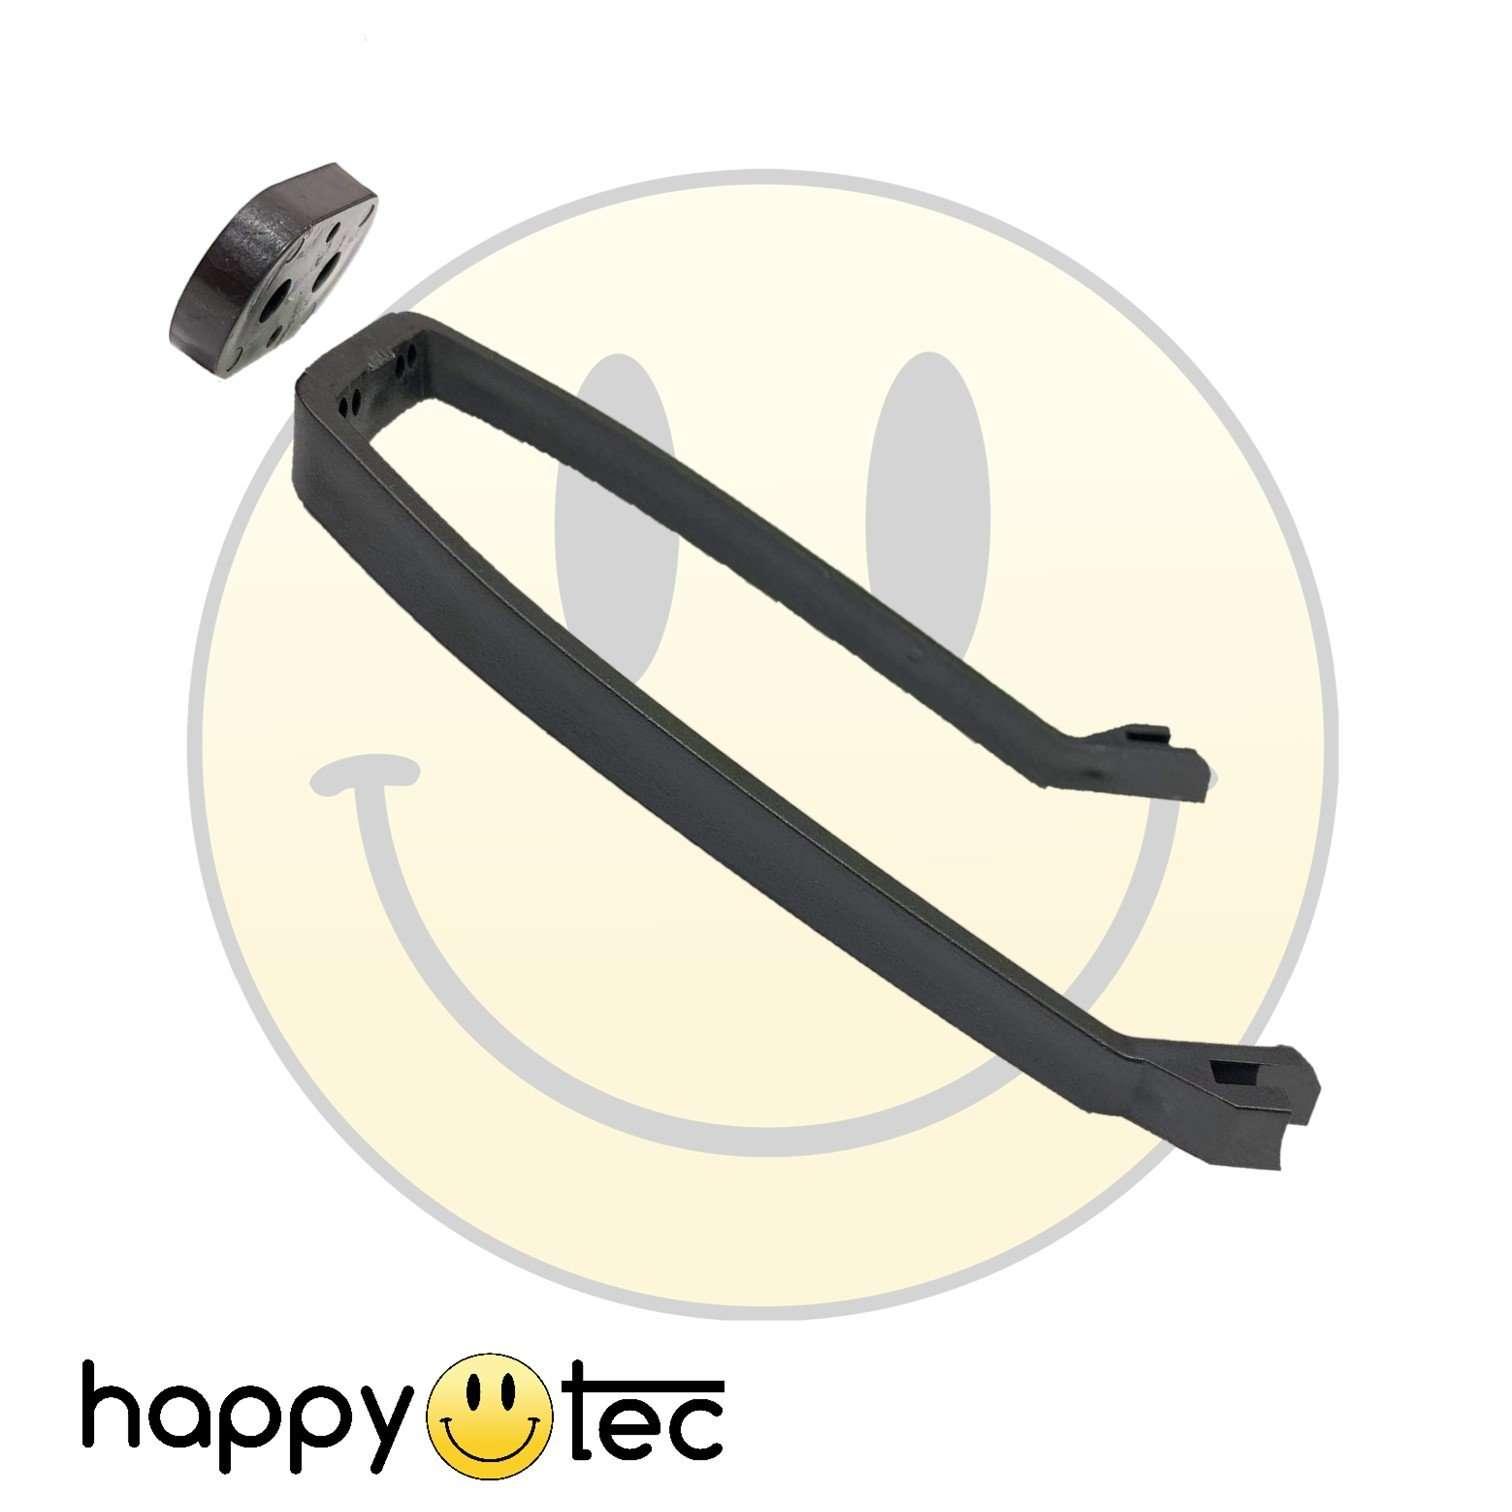 Staffa parafango posteriore nera per installazione da 8,5 pollici - V2